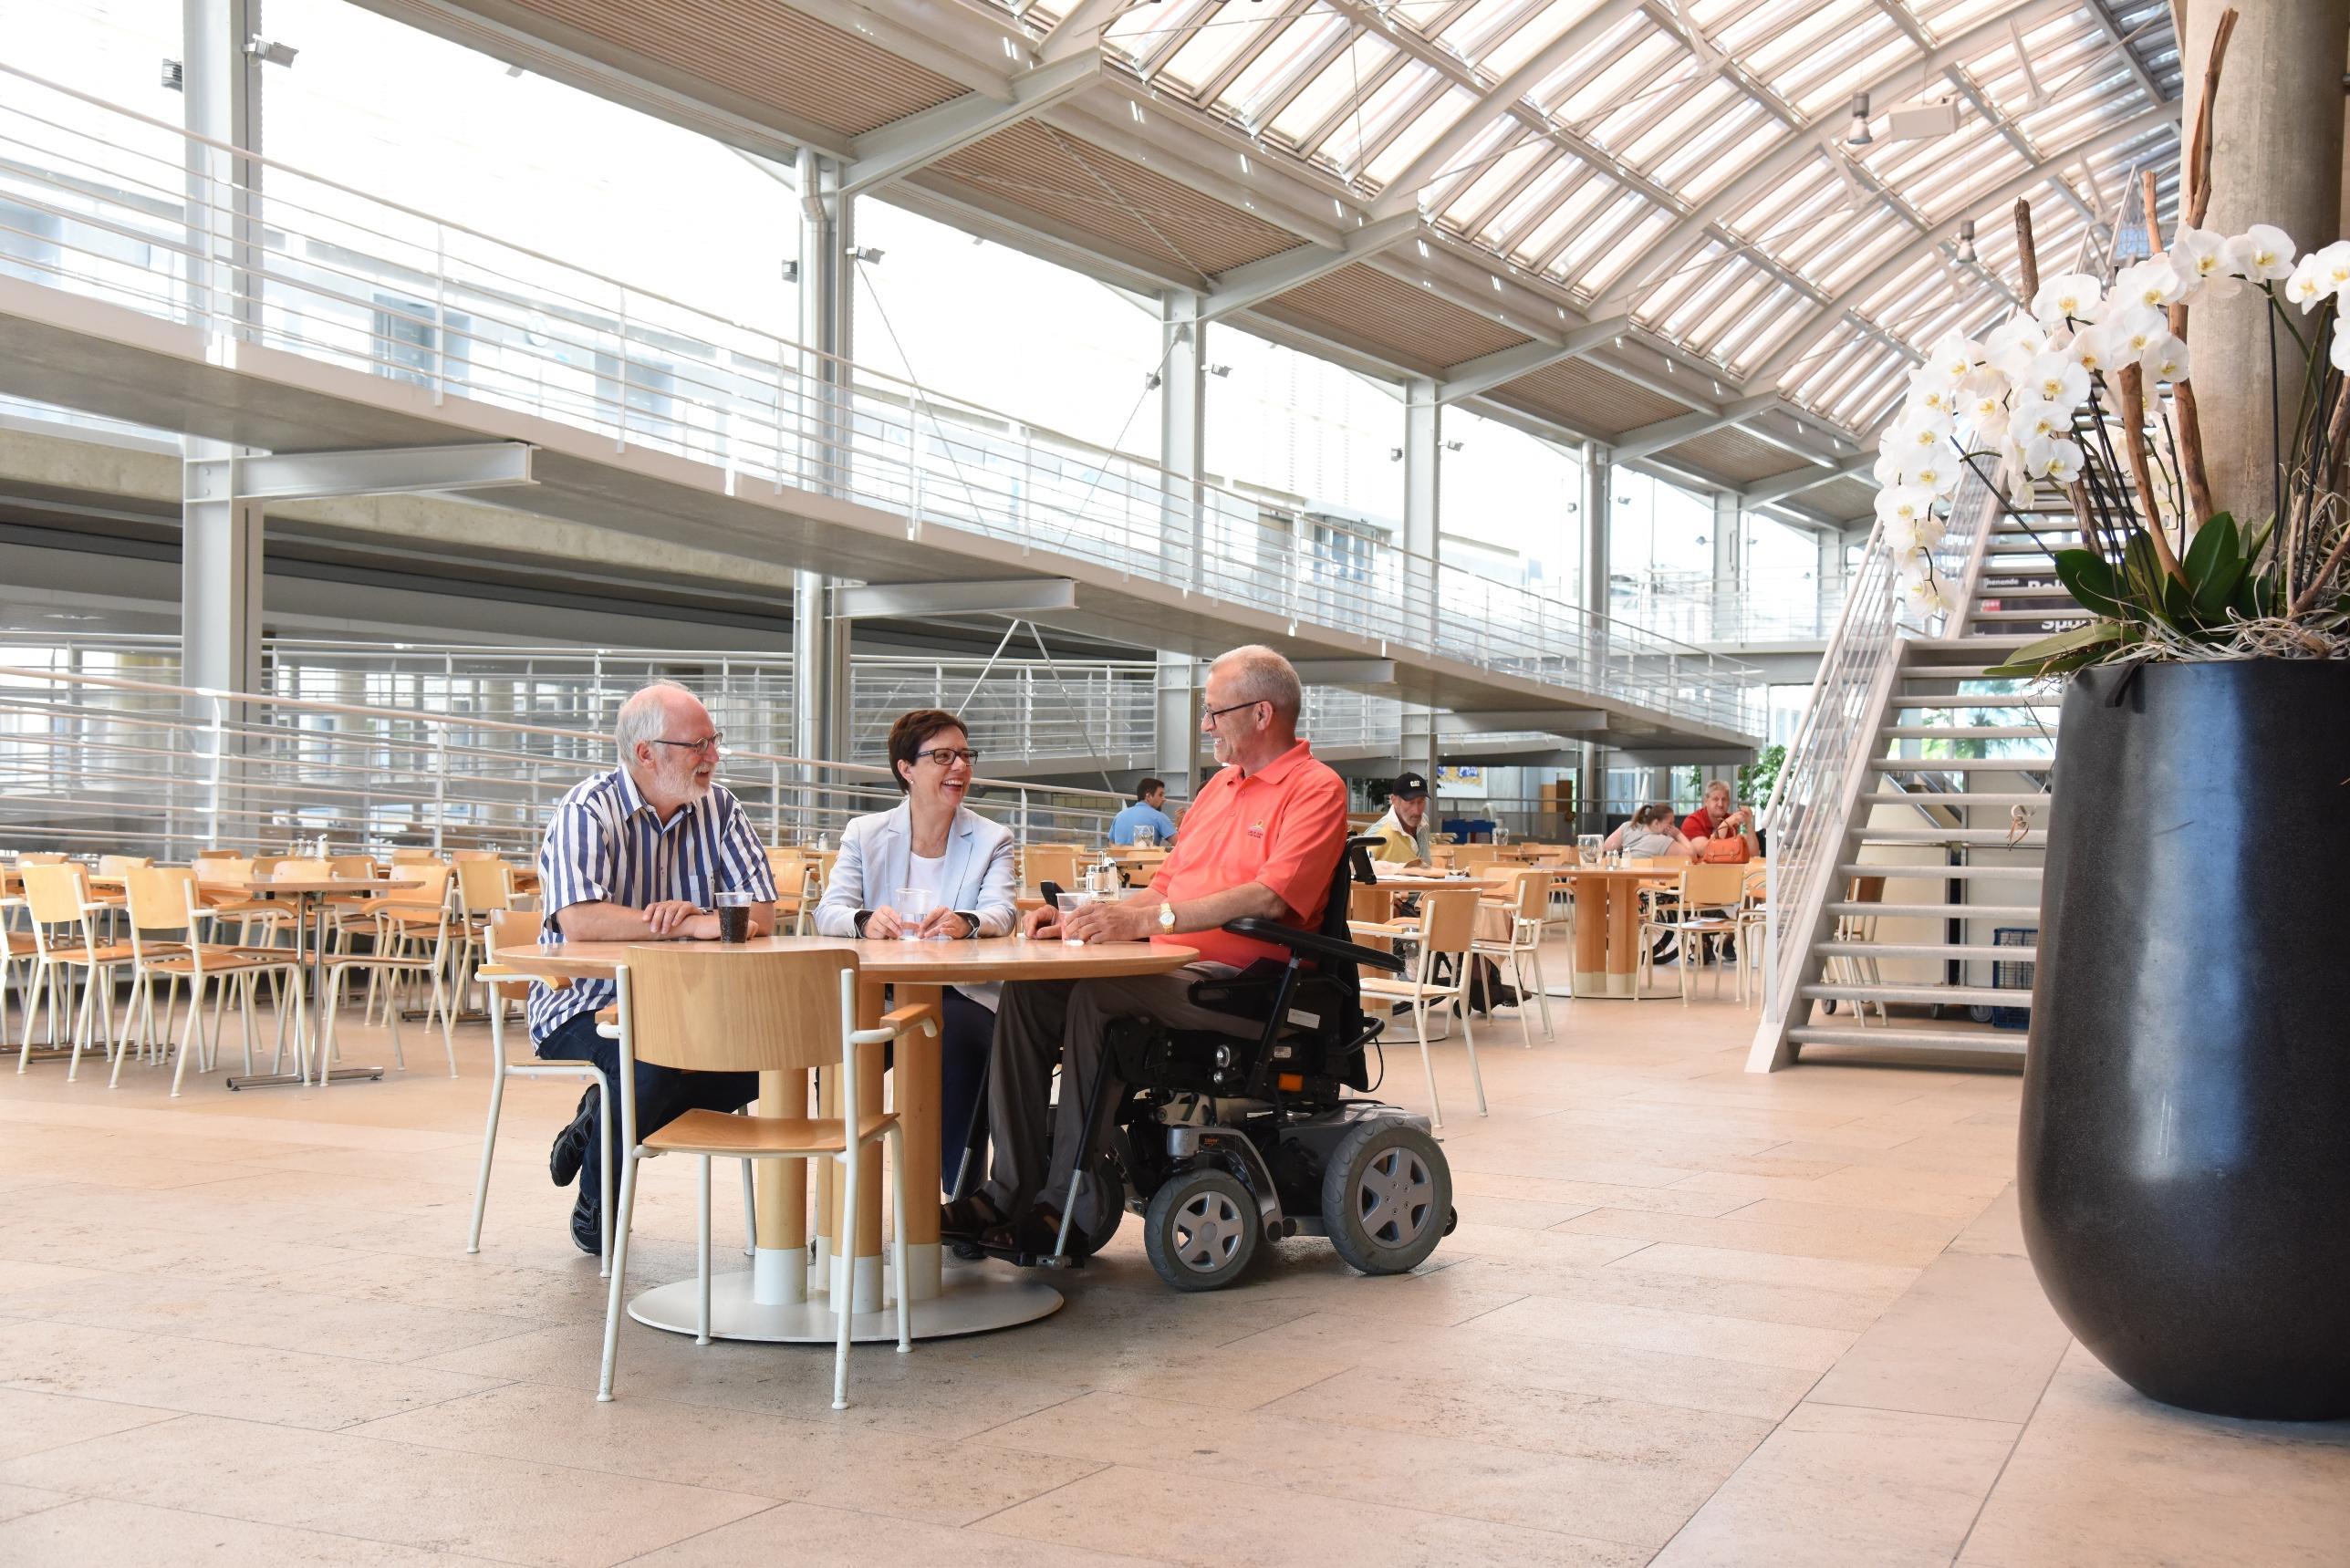 Fondazione svizzera per paraplegici_atrio principale e centro d'incontro